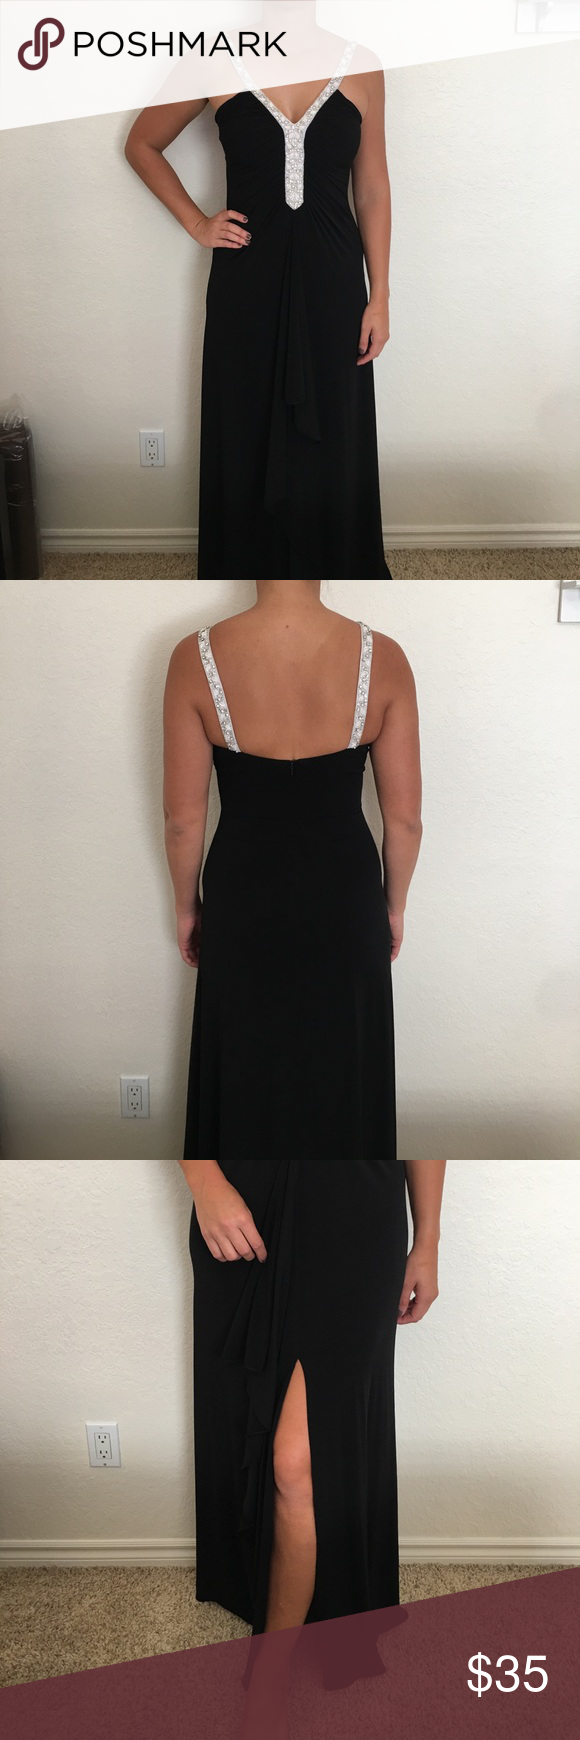 Beautiful black prom dress beautiful black prom dress excellent